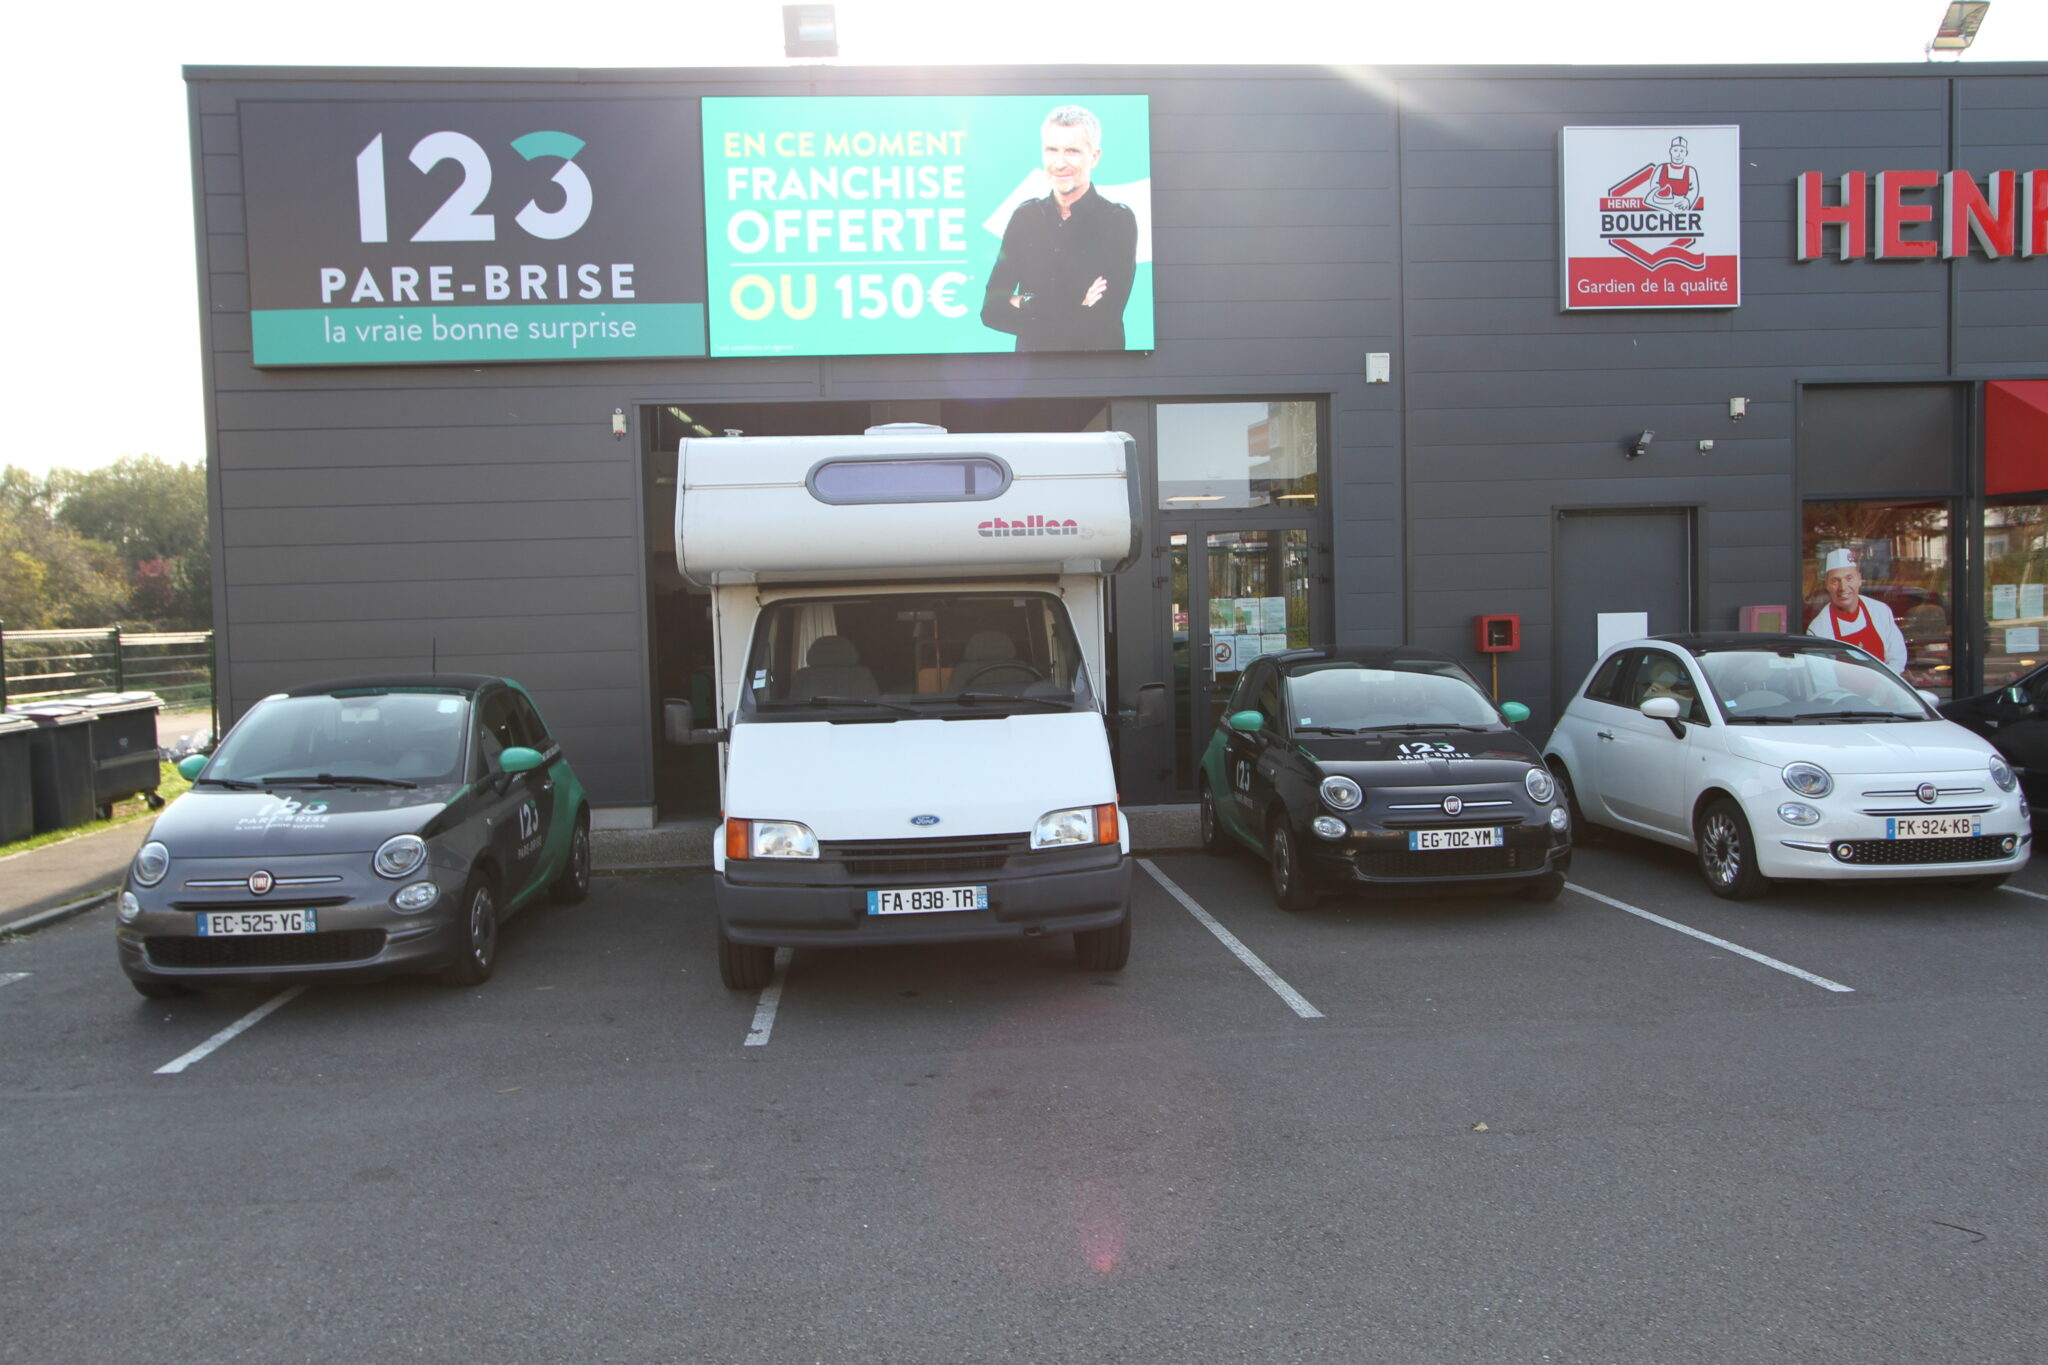 Remplacement du pare-brise de ce camping-car dans notre agence 123 Pare-Brise Liévin (59).